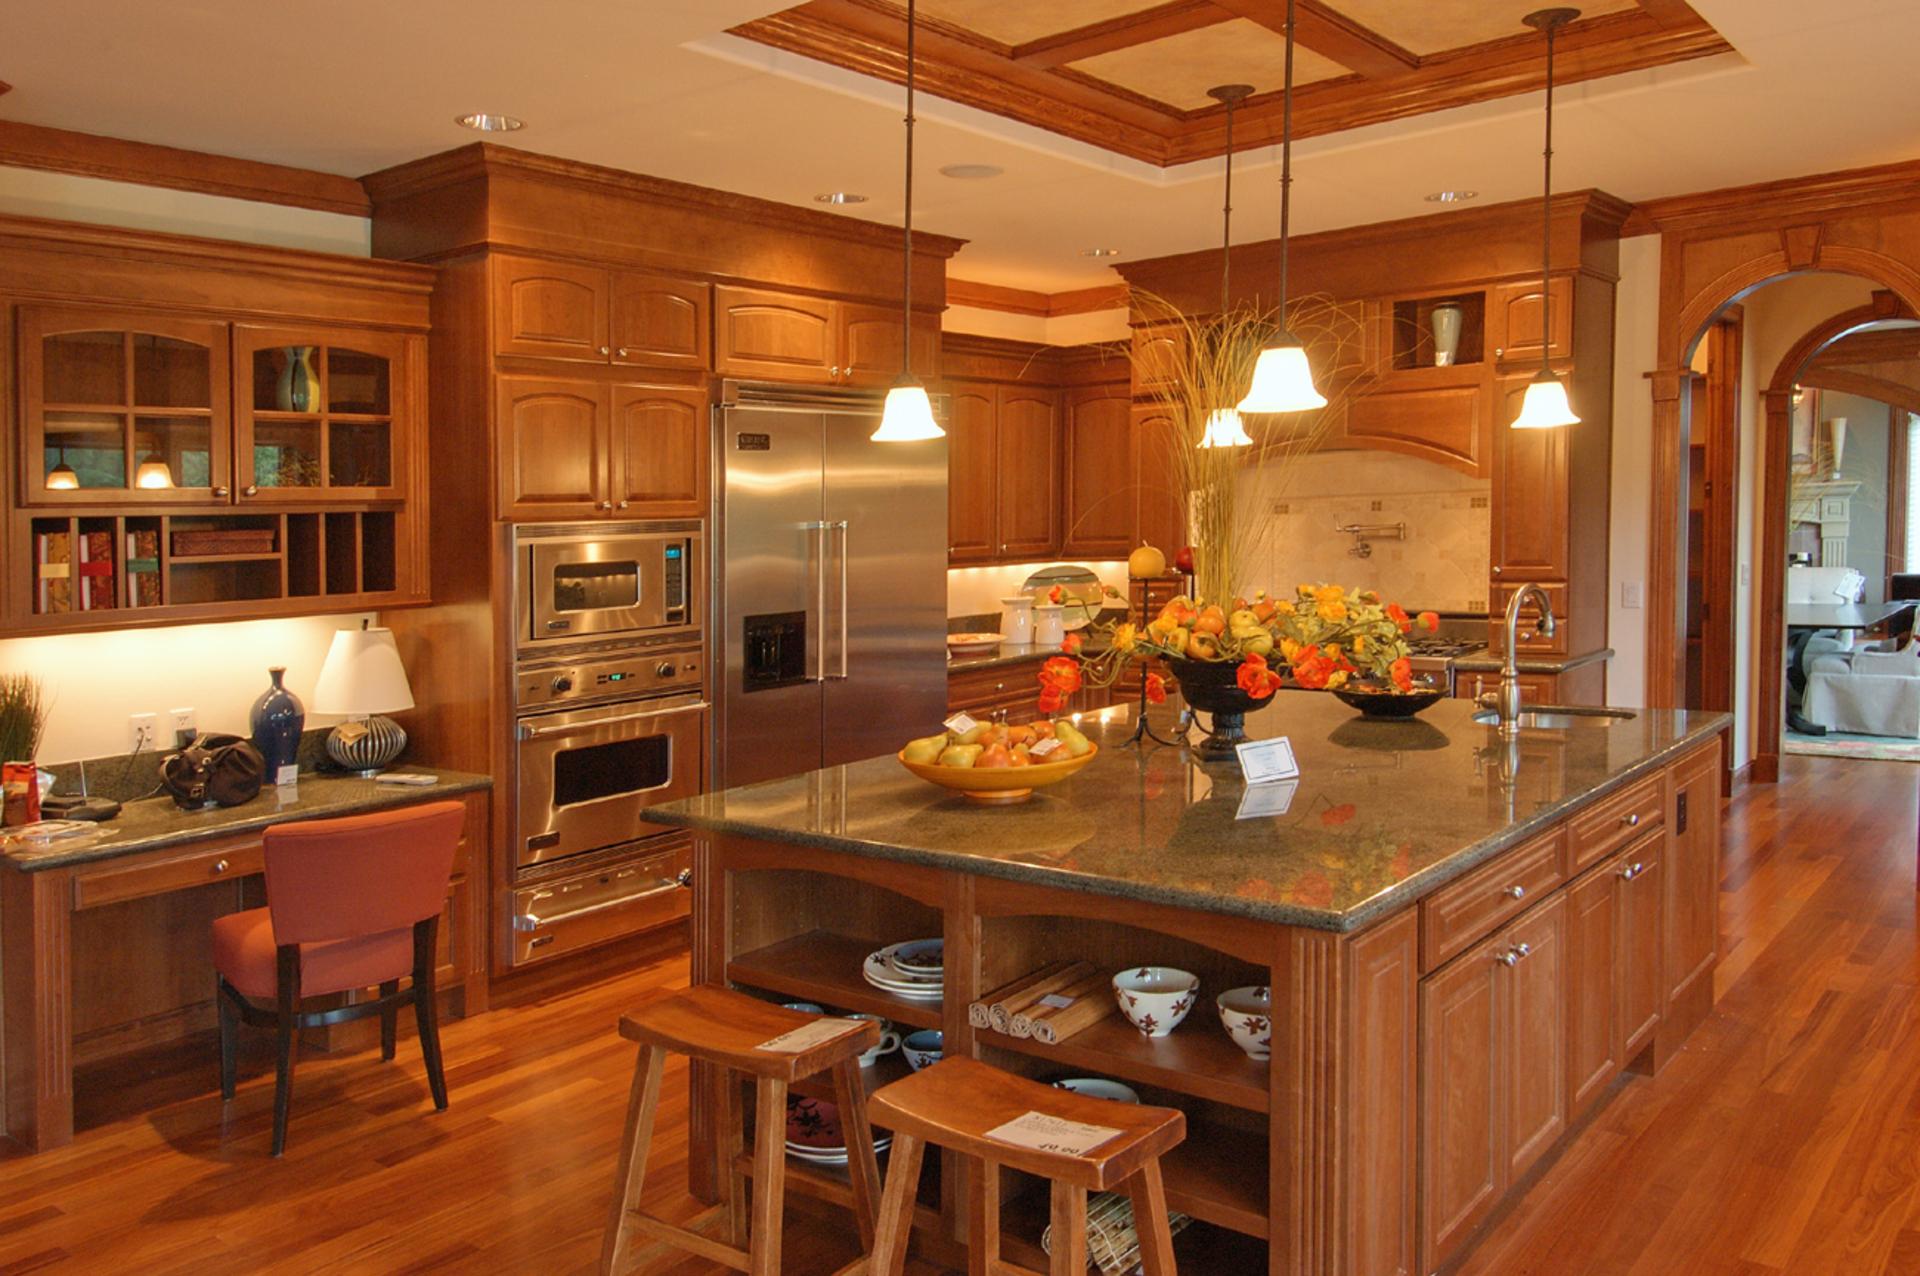 Красивые кухня дизайн фото в доме частном